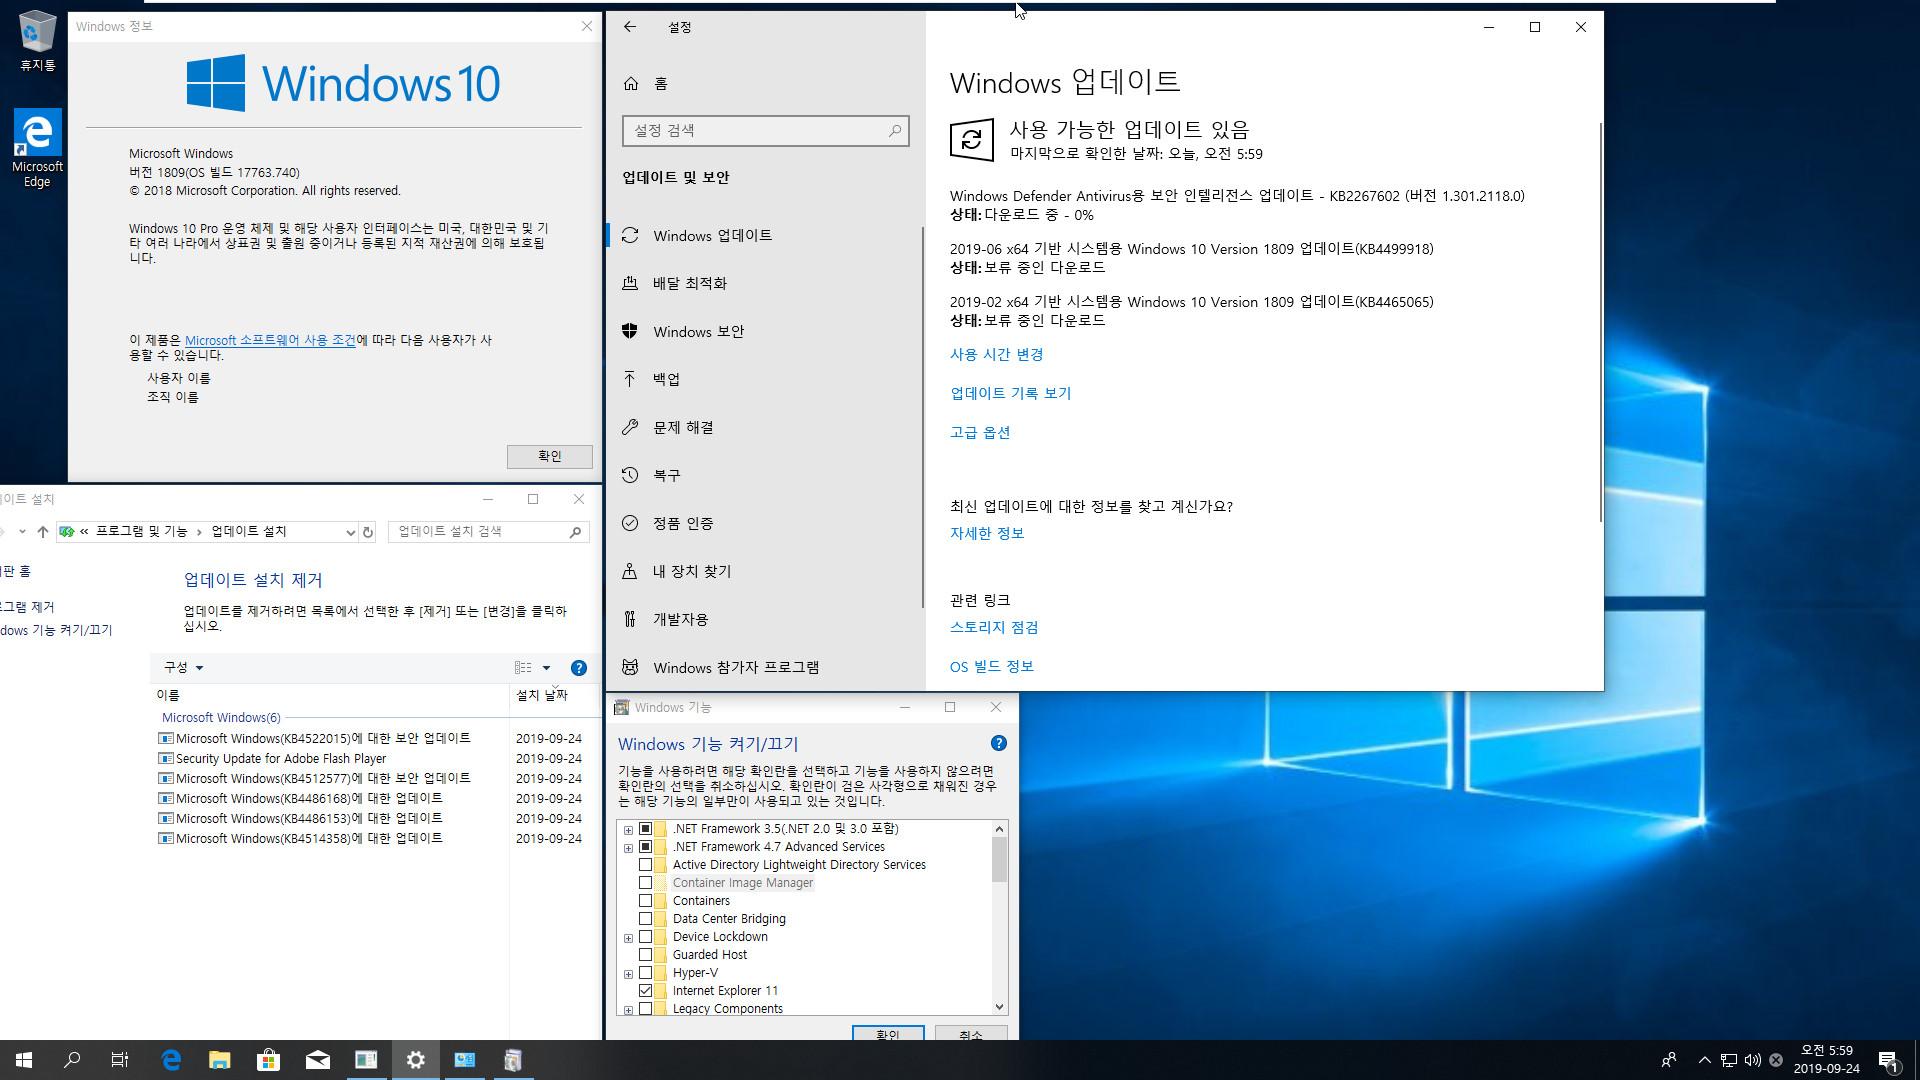 Windows 10 수시 업데이트 - Windows 10 버전 1809 누적 업데이트 KB4522015 (OS 빌드 17763.740) [2019-09-23 일자] 나왔네요 - 통합중 입니다 - 64비트 확인 2019-09-24_055934.jpg